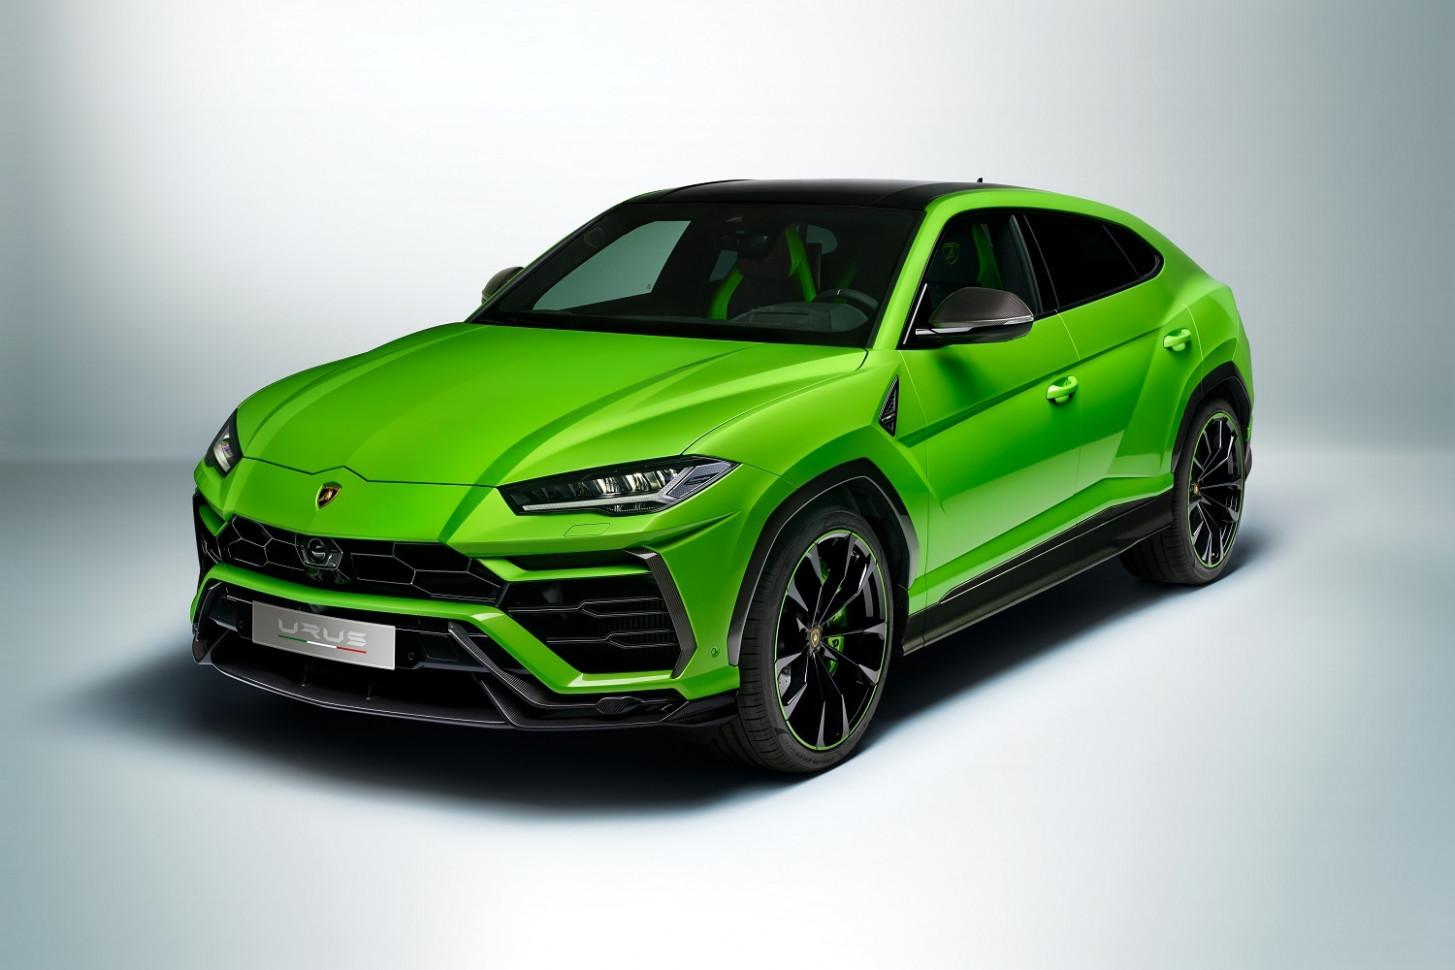 Specs and Review 2022 Lamborghini Urus